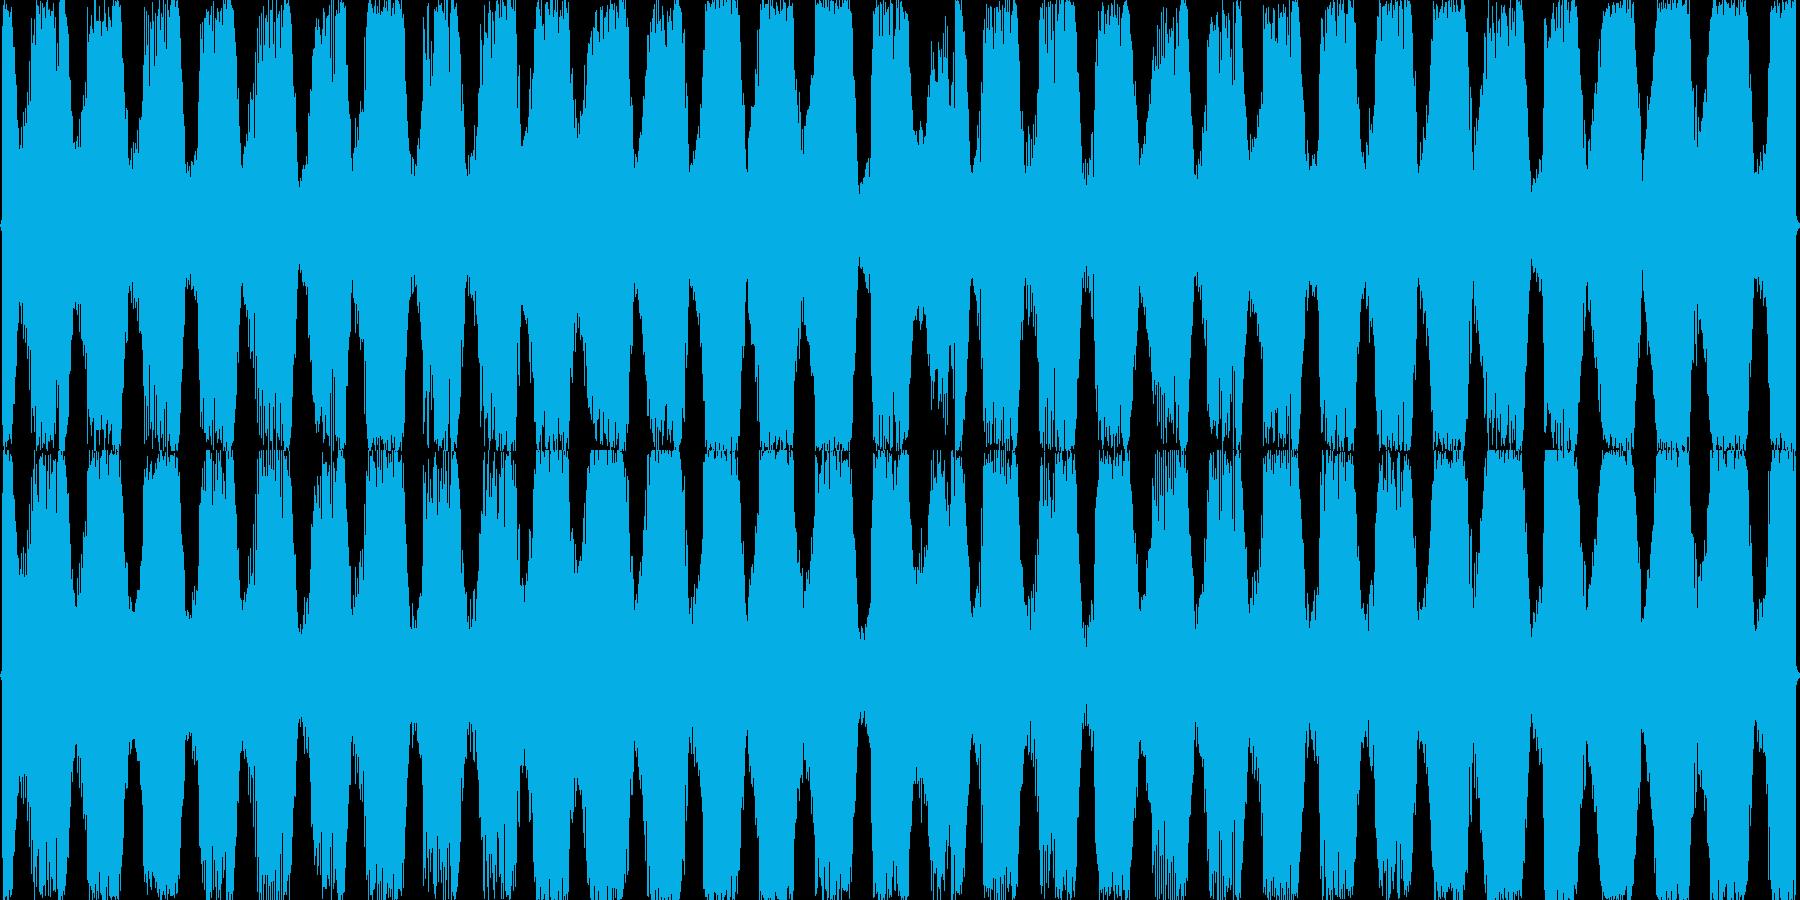 エレクトロニック、EDM、四つ打ちの再生済みの波形